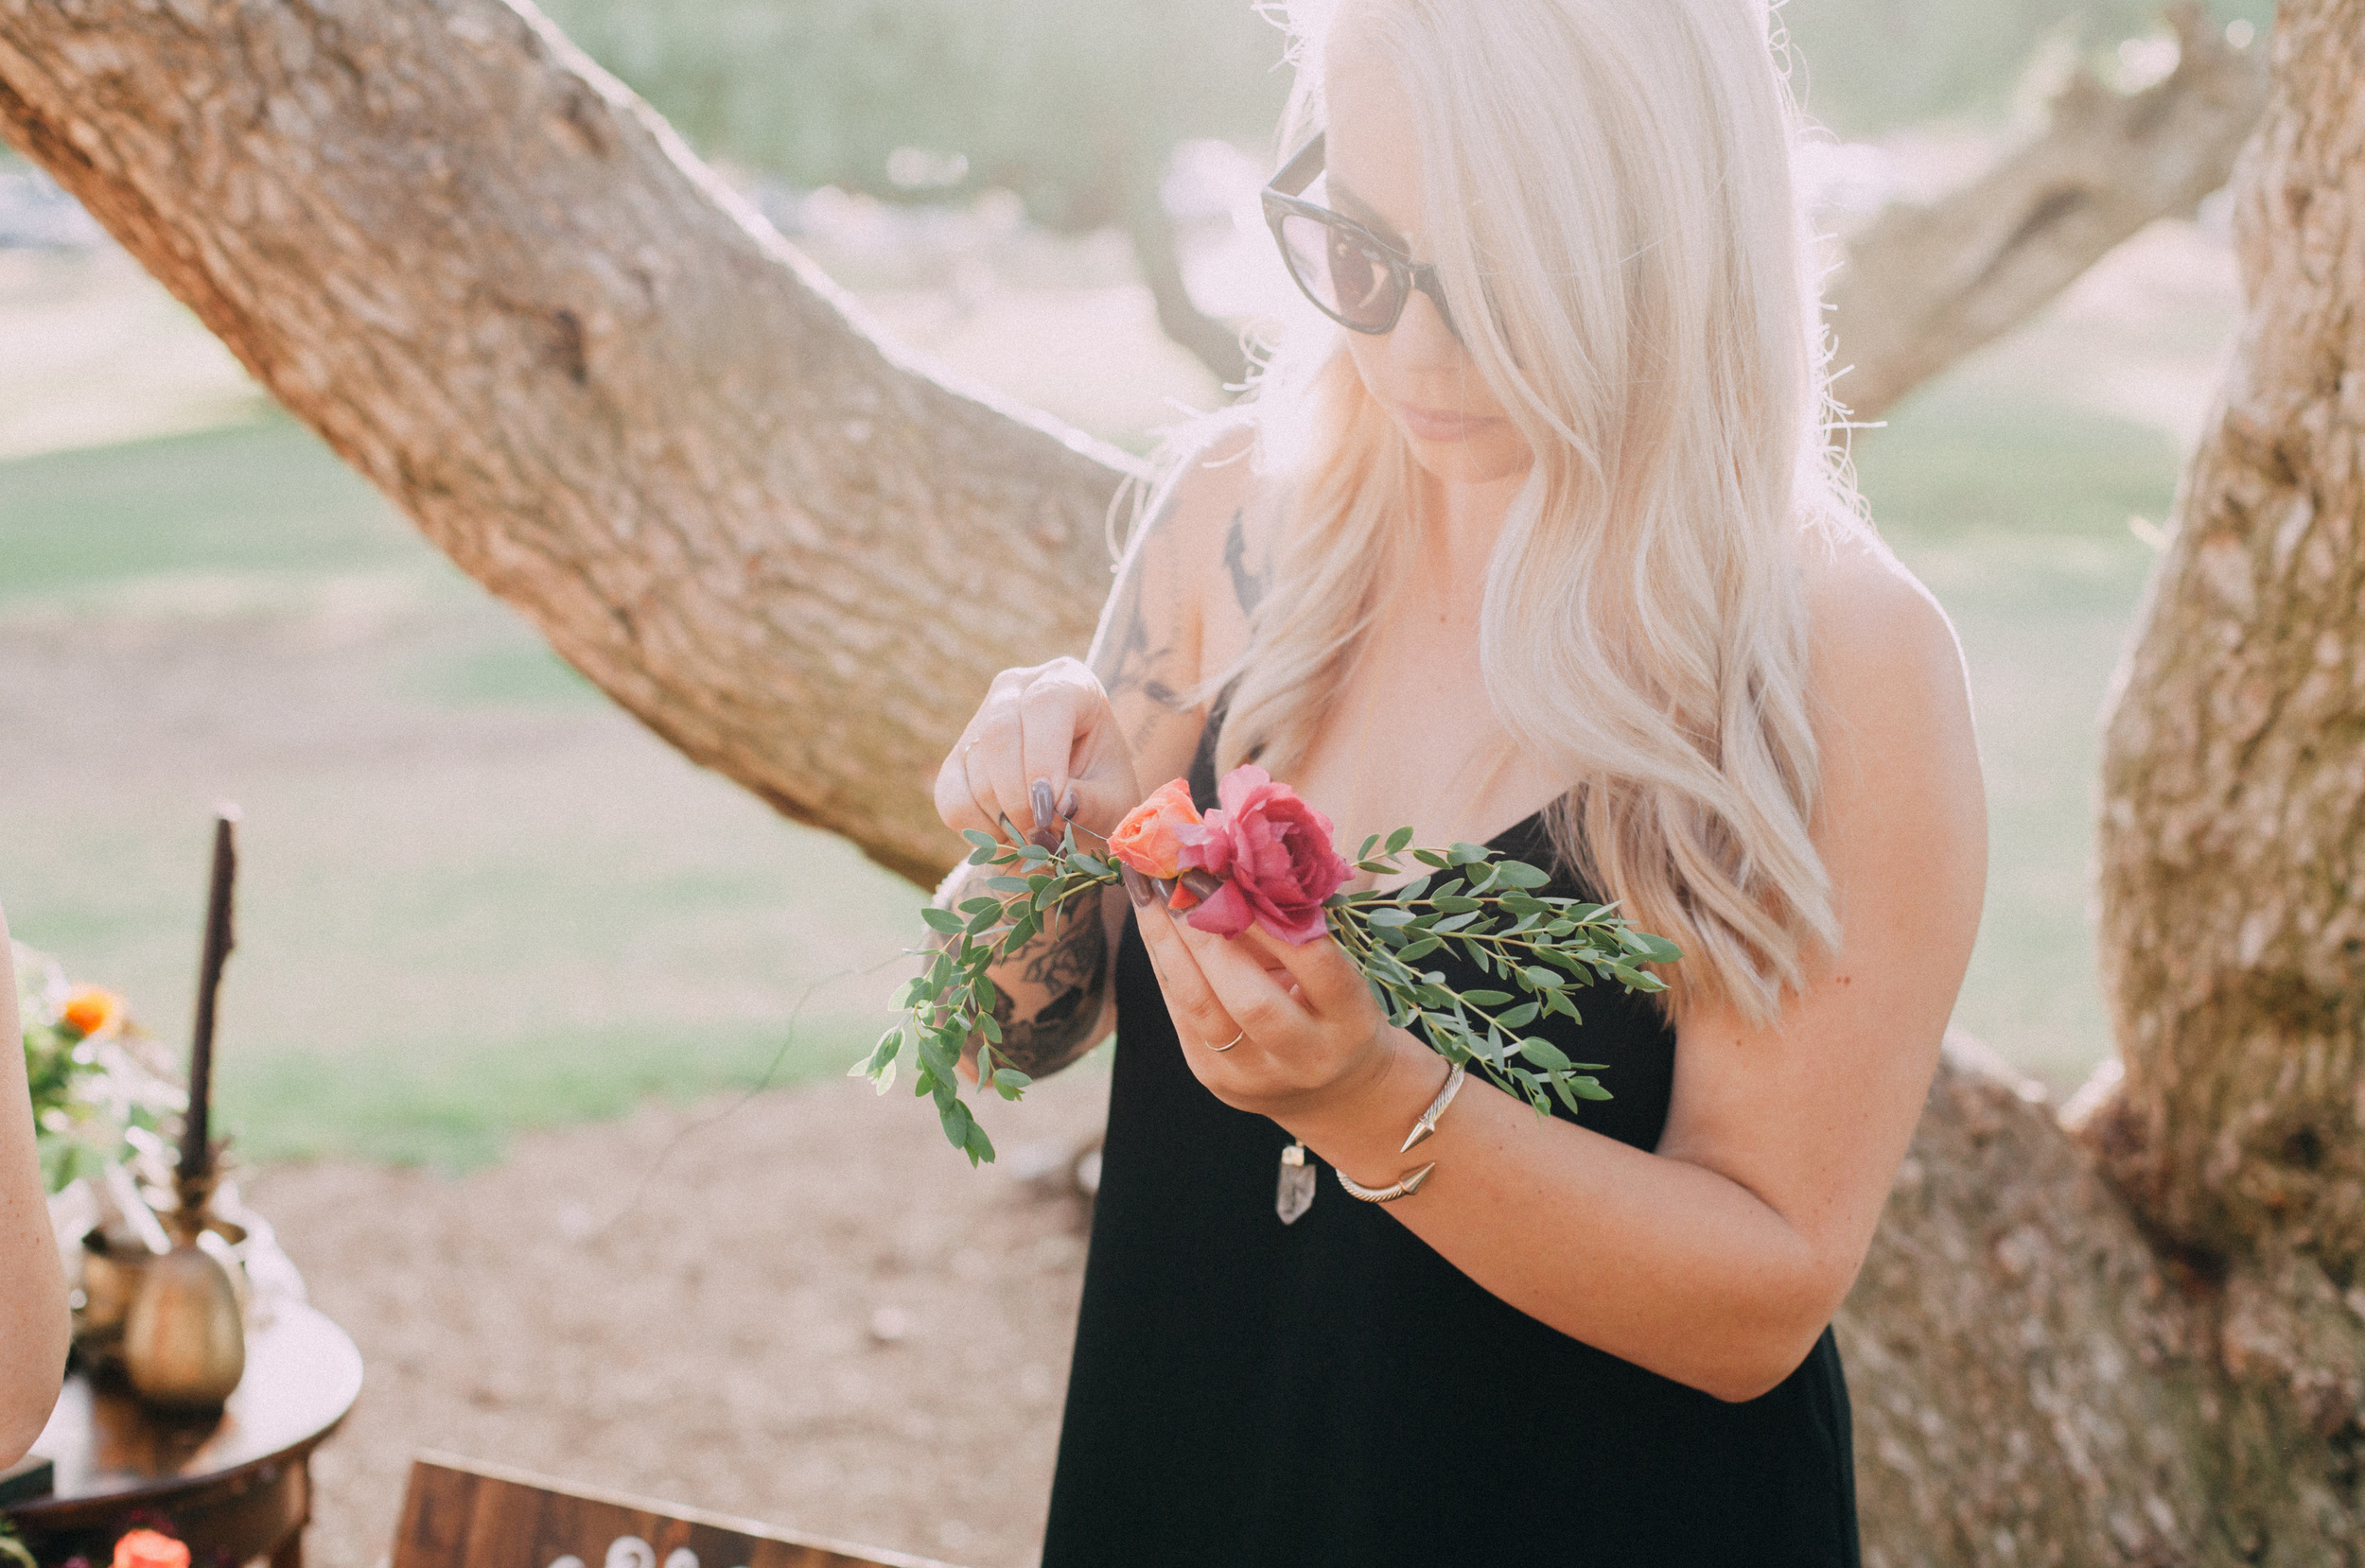 Bridal shower DIY flower crown station